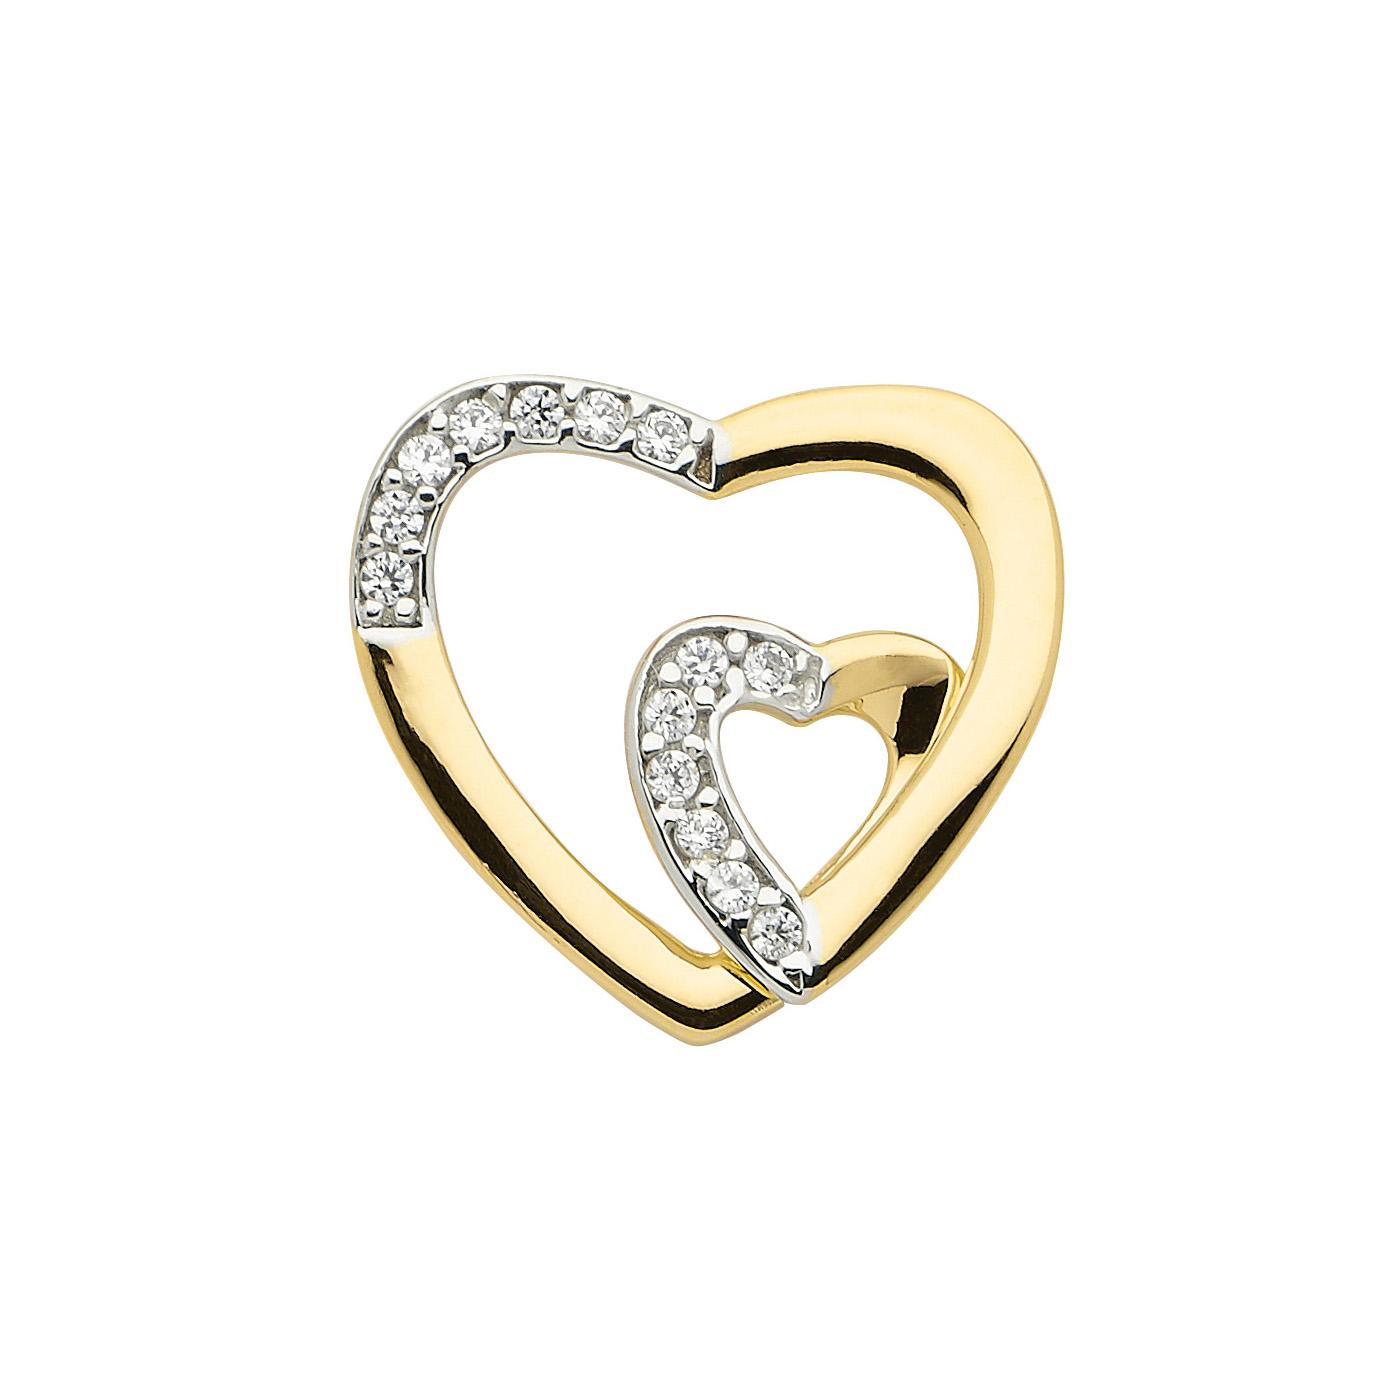 Guldhjerter med syntetiske diamanter flettet ind i hinanden. 8 karat guldvedhæng med hjerte